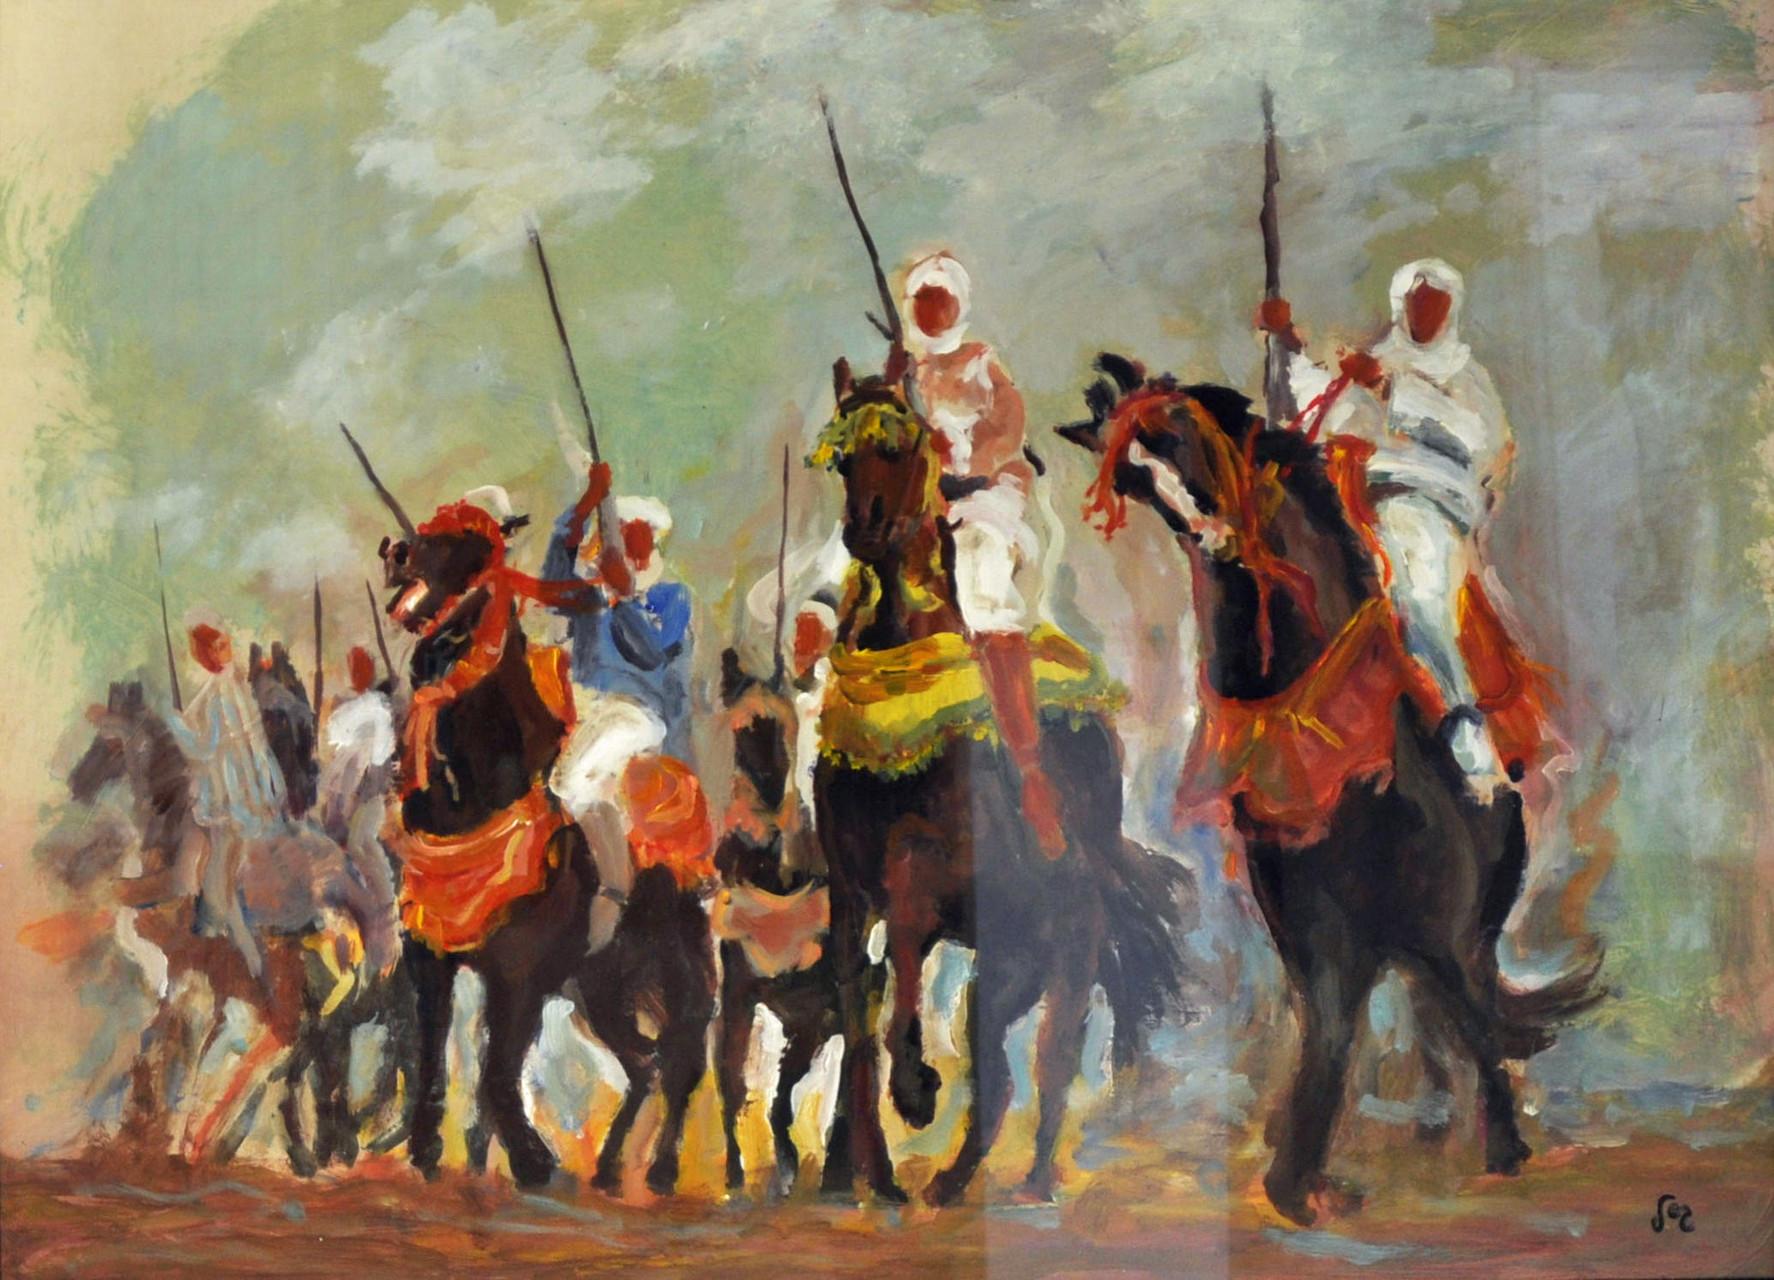 Fantasia marocaine